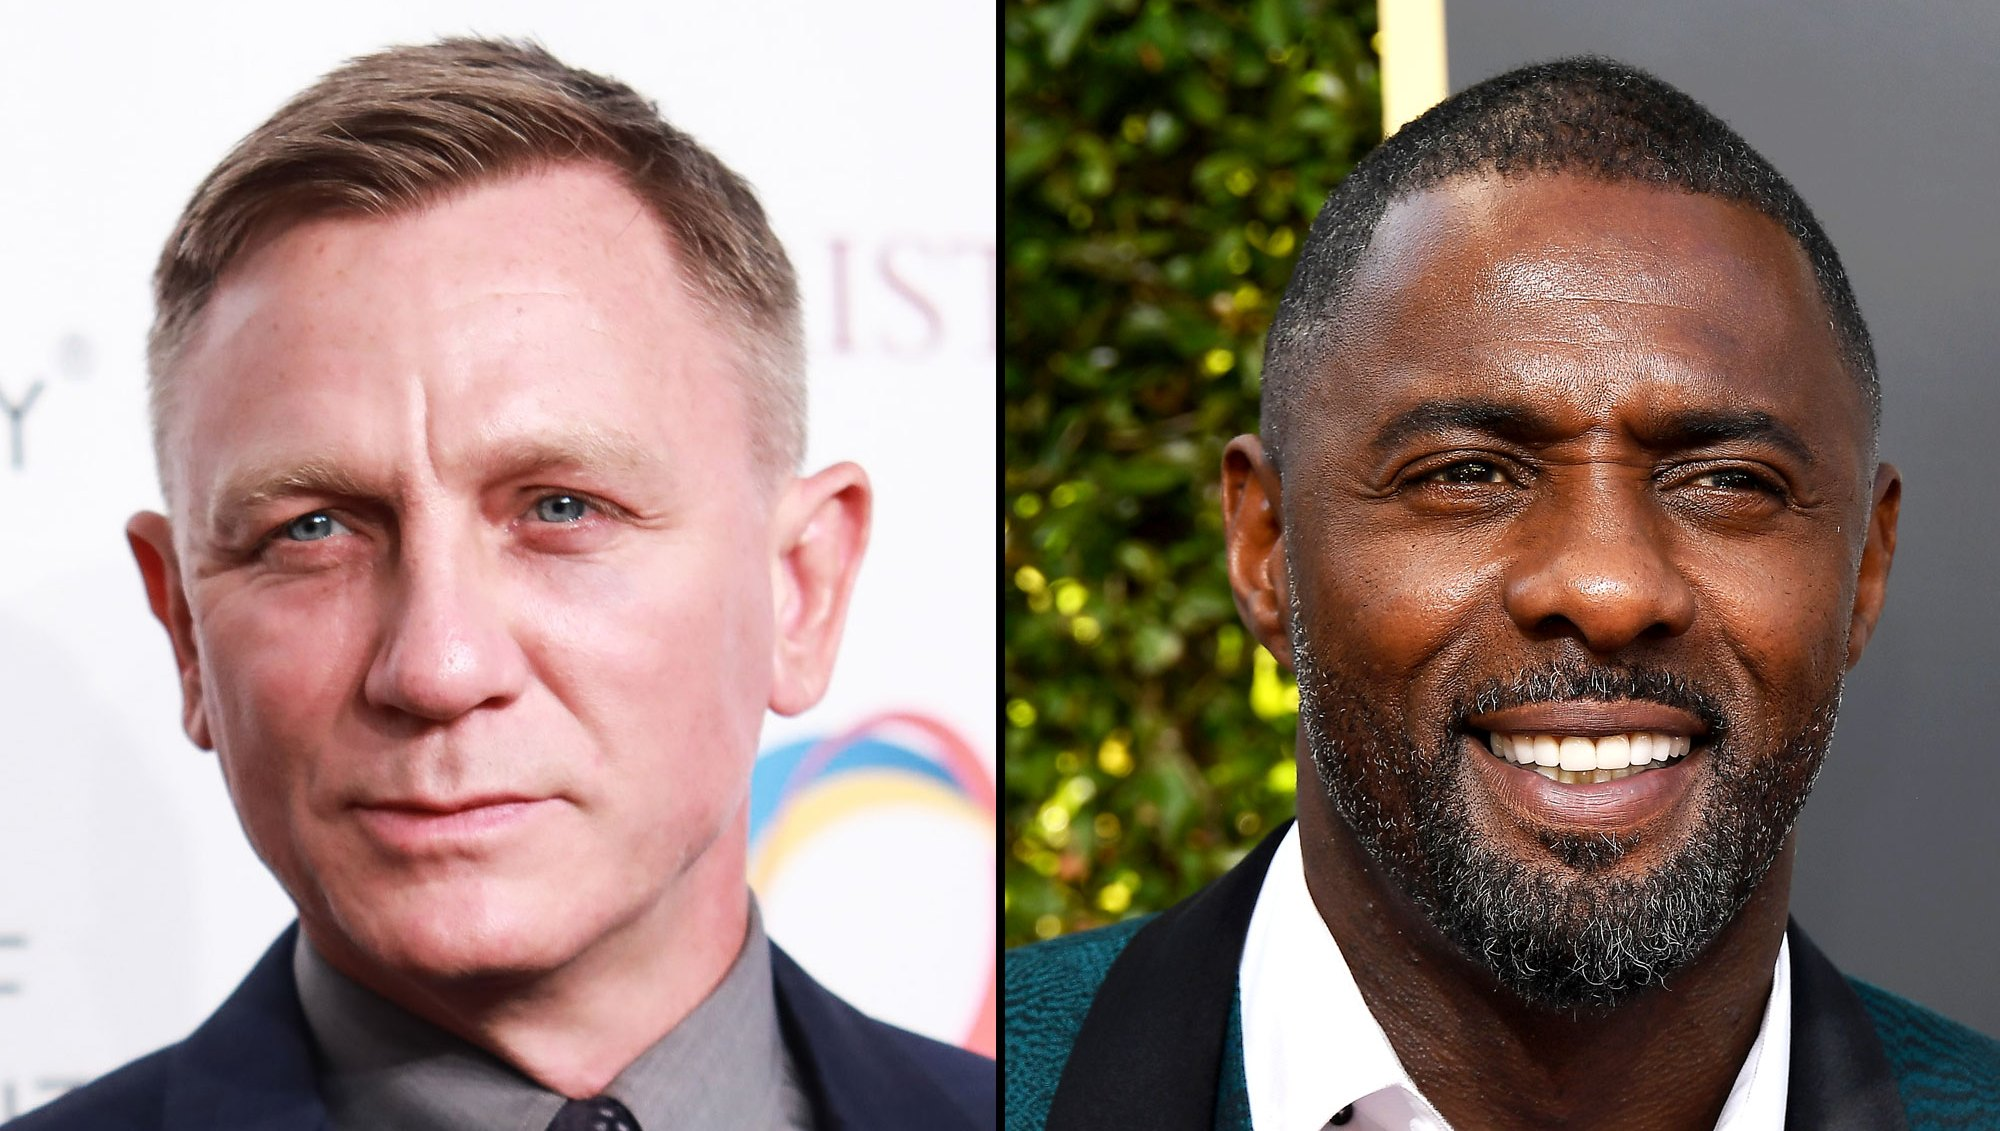 Daniel Craig Meets Potential James Bond Successor Idris Elba at 2019 Golden Globes